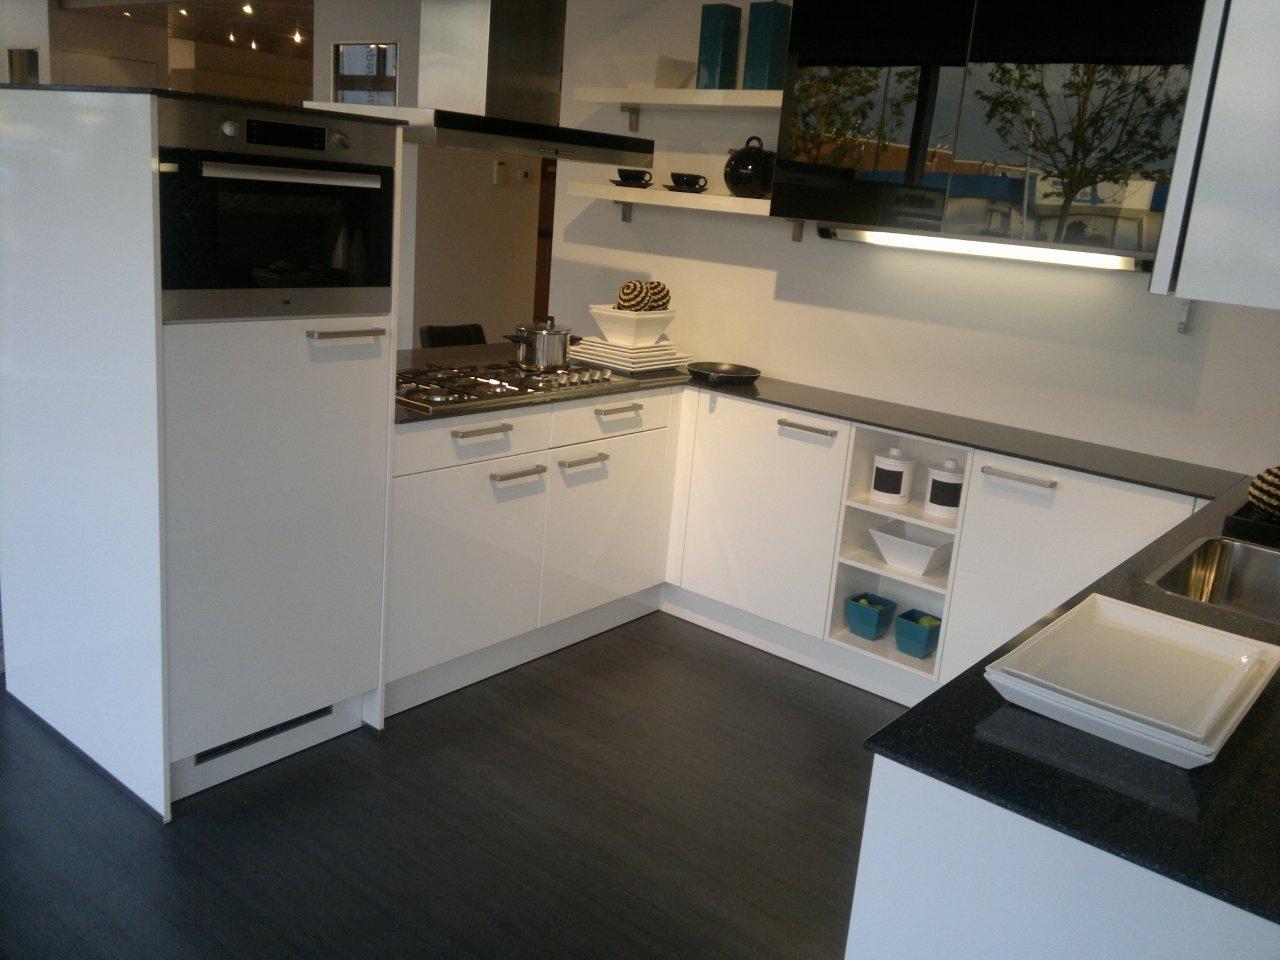 ... keukens voor zeer lage keuken prijzen  Moderne hoogglans keuken